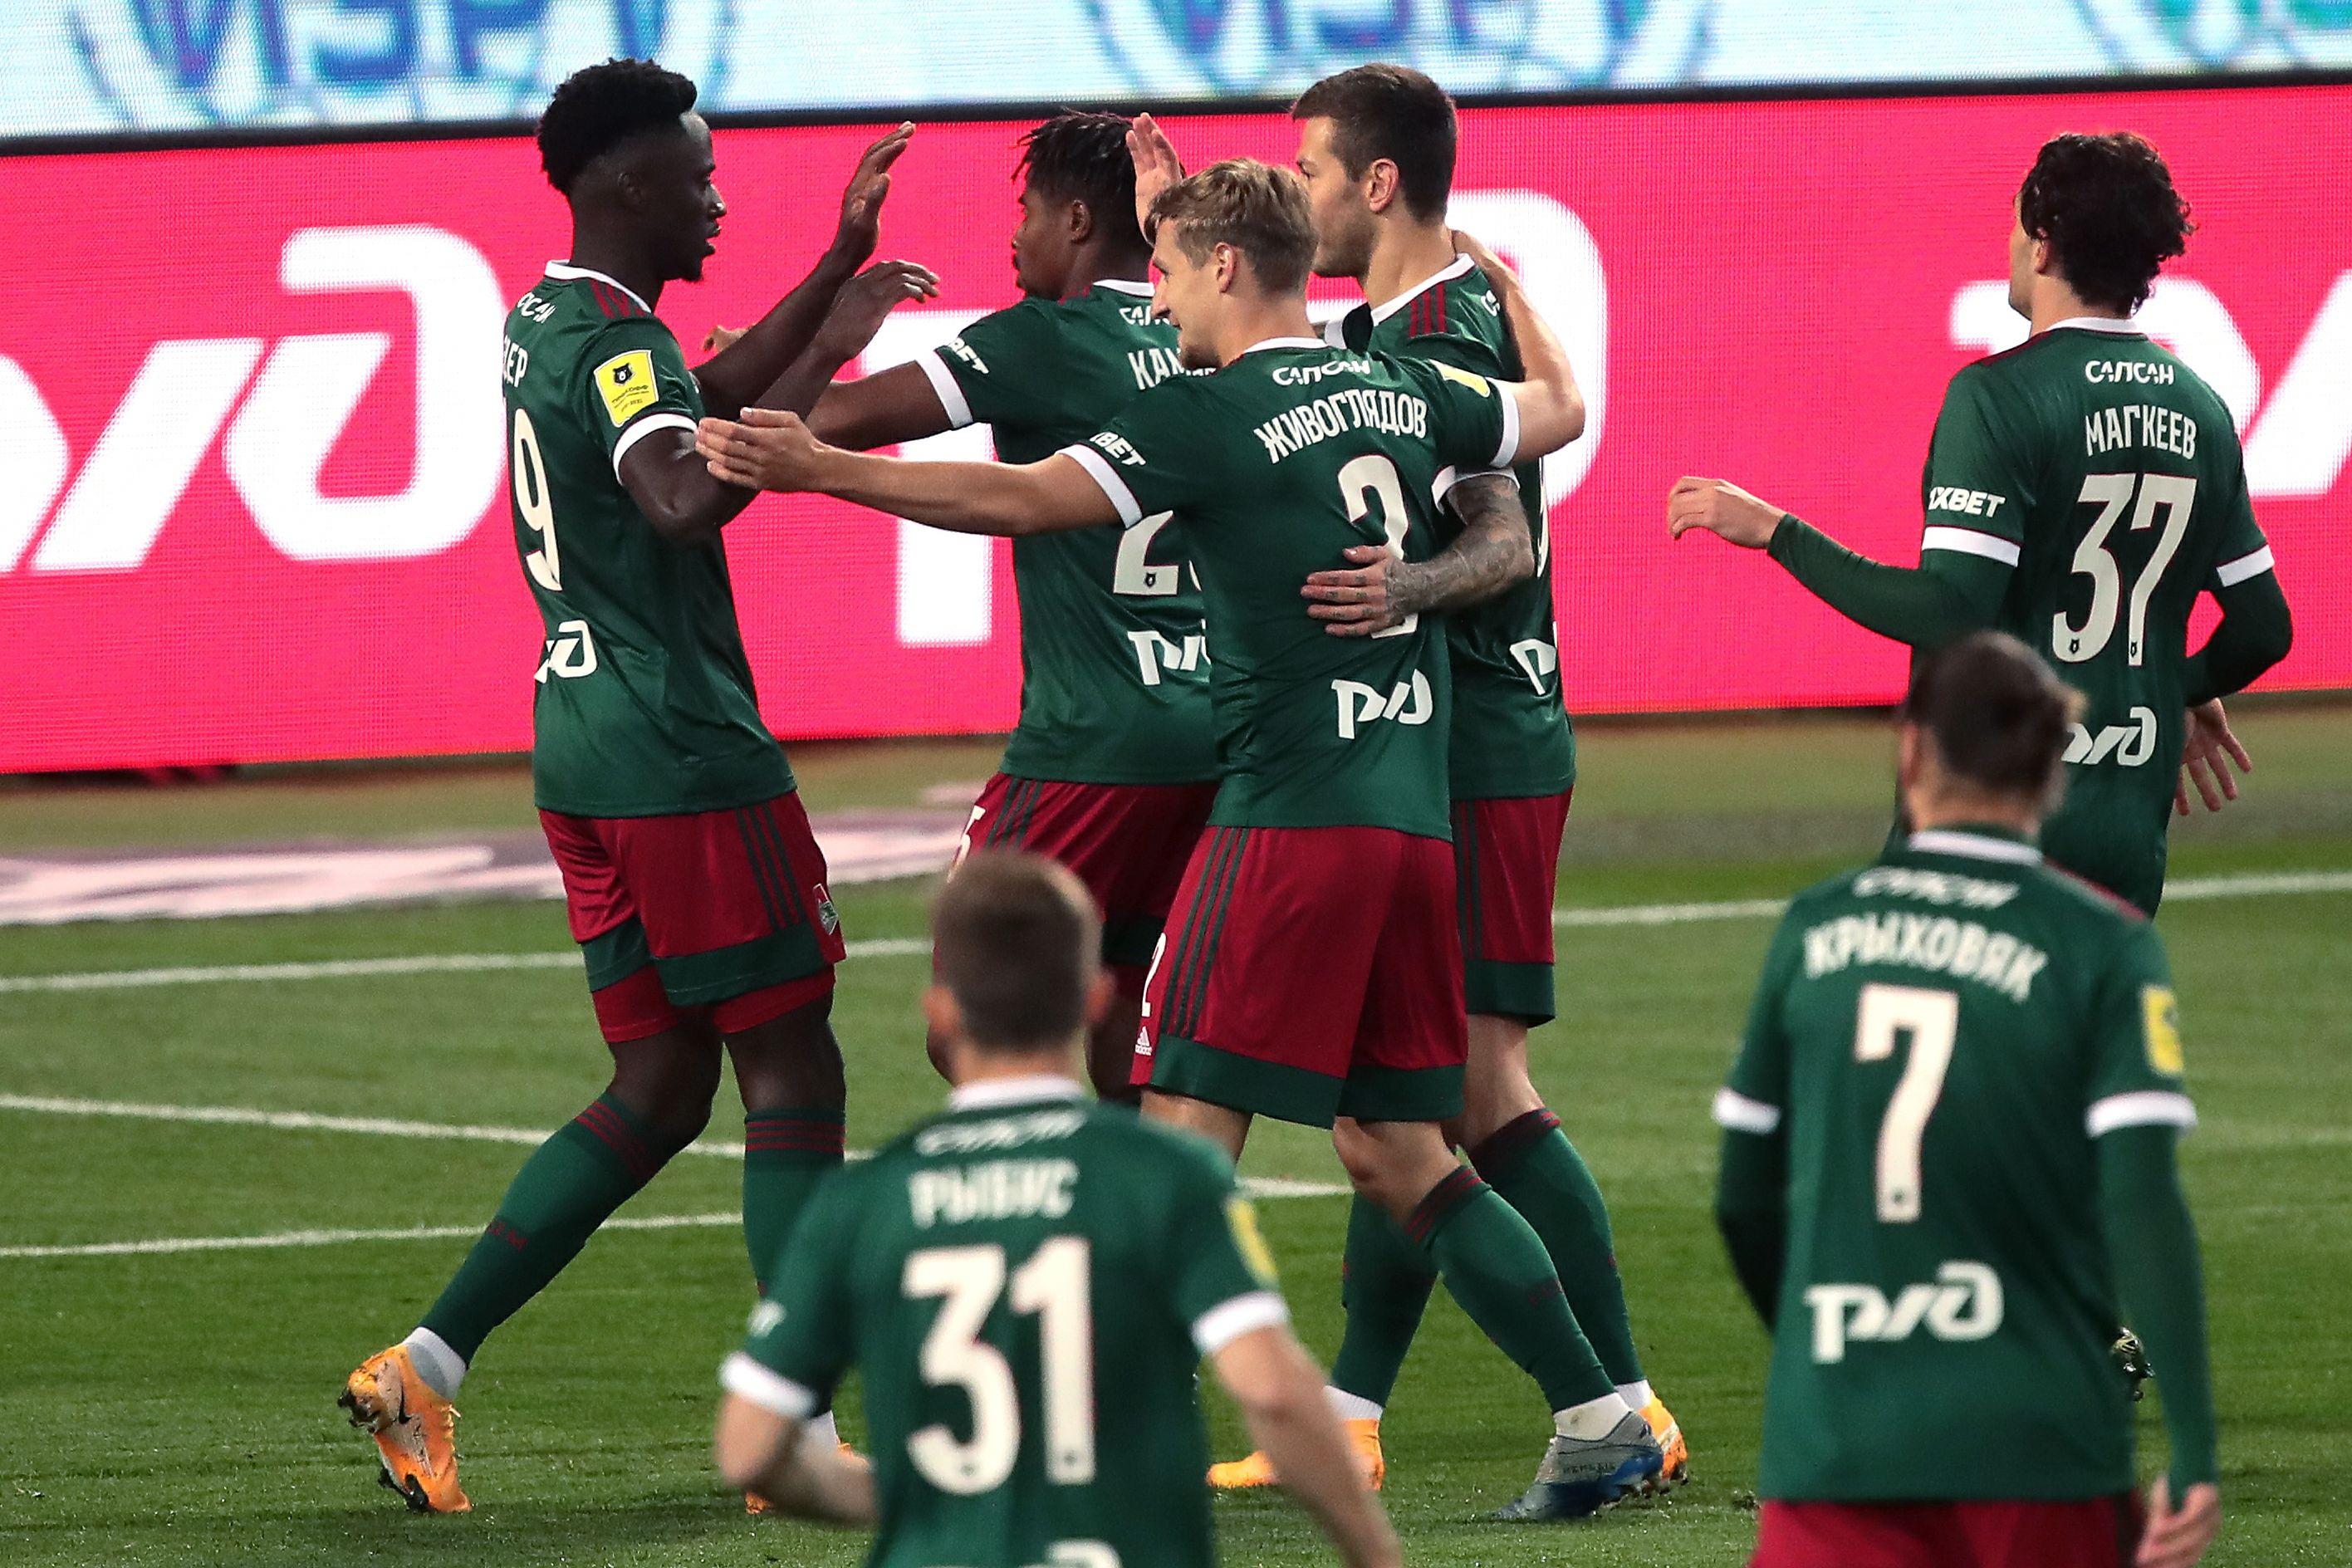 Переход Пабло из Бордо в Локомотив раскритиковали во Франции